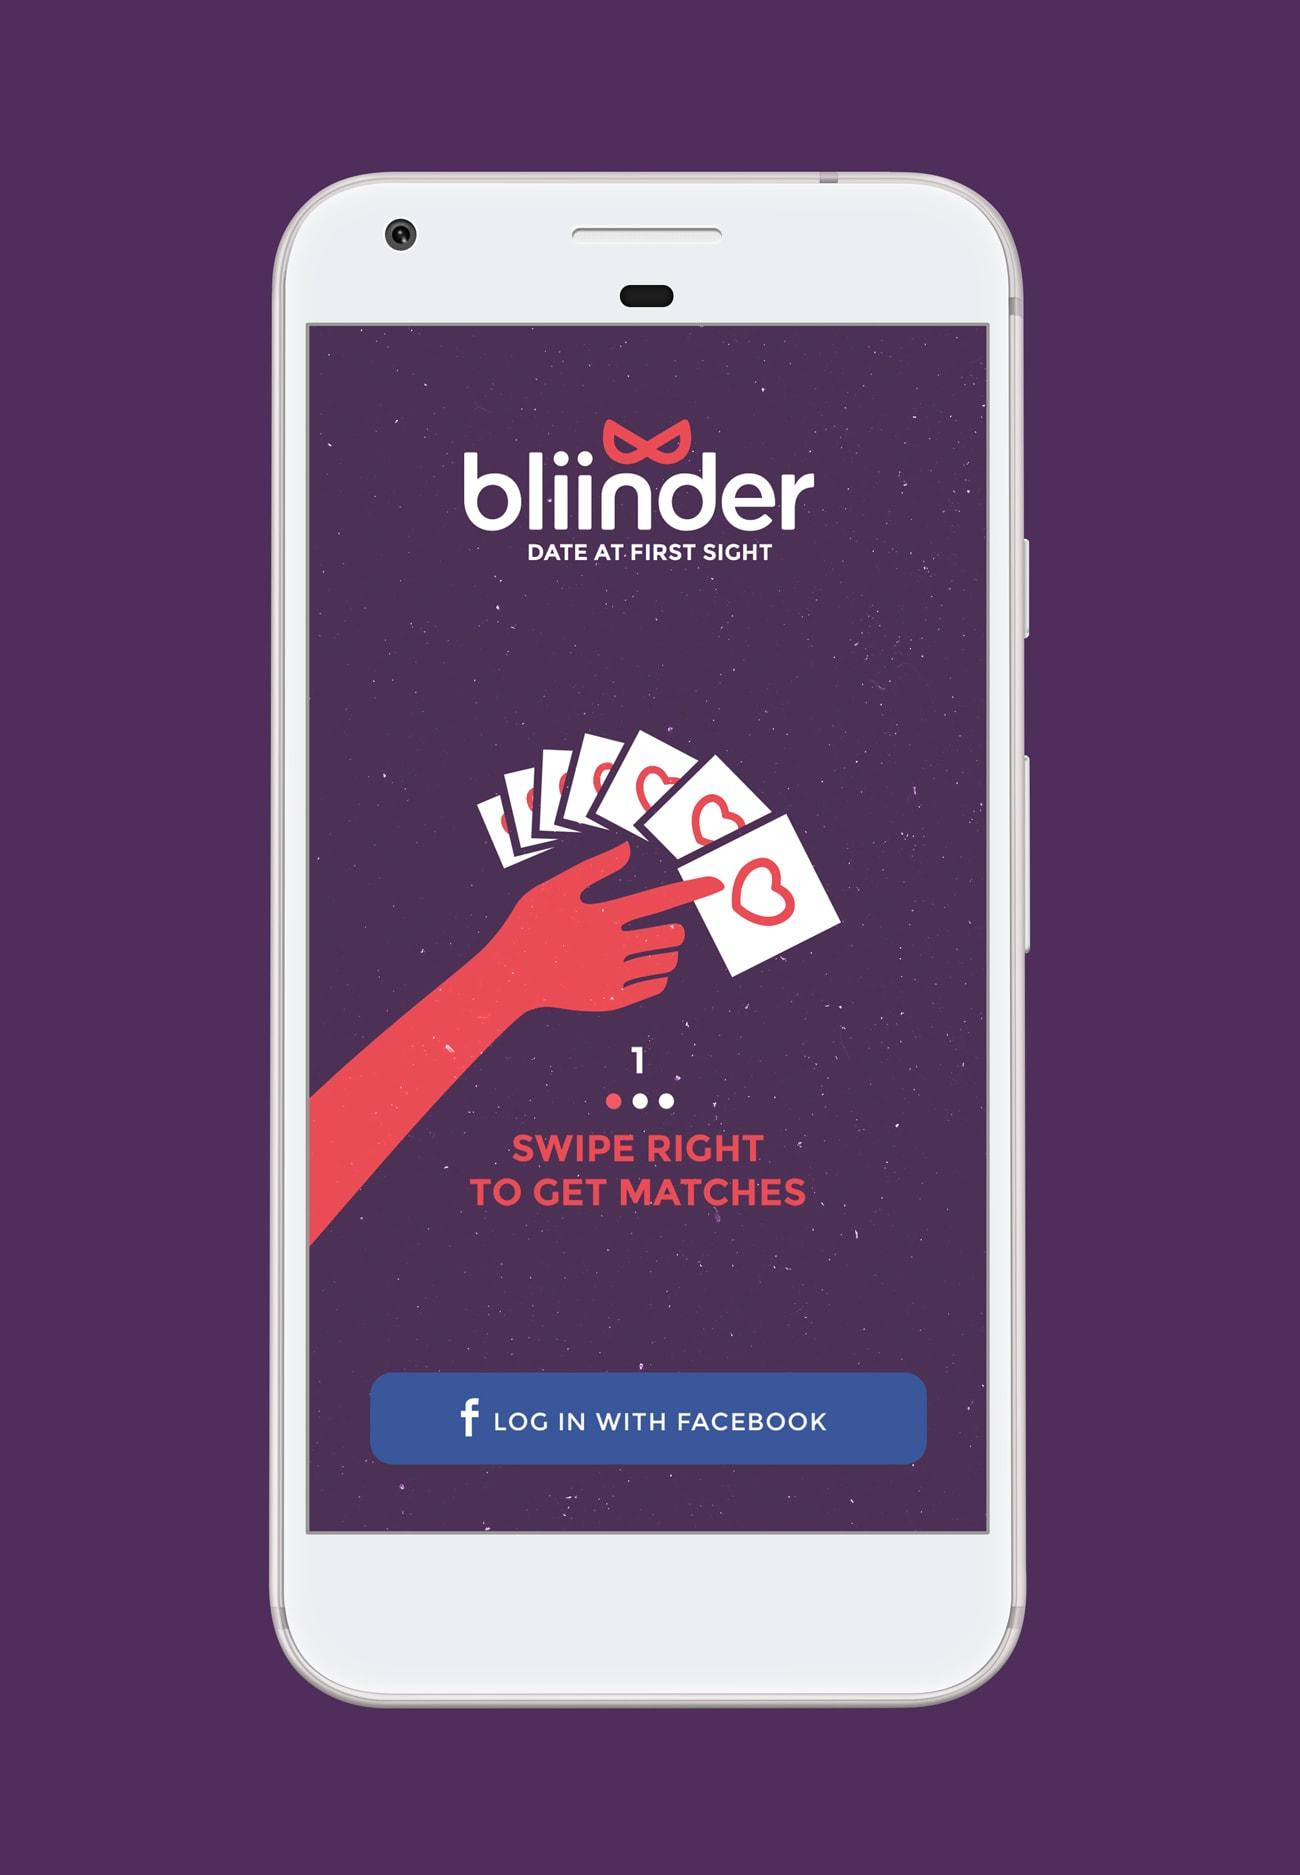 Nederlands dating app